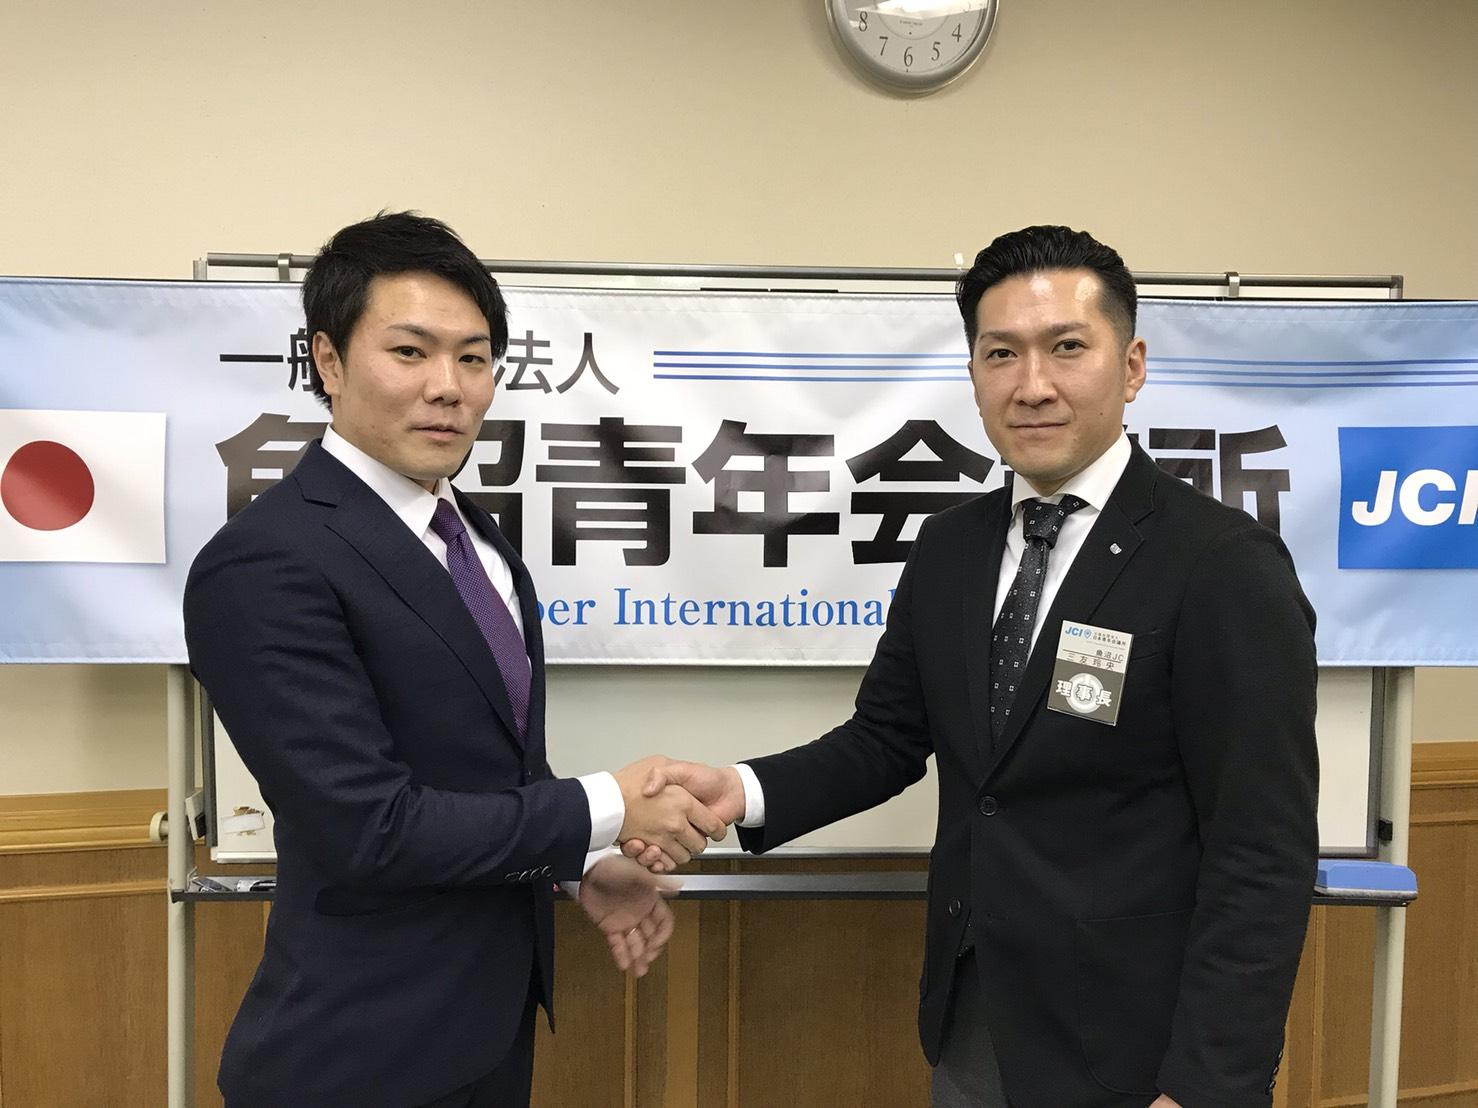 新入会員のご紹介!小幡電気工業の小幡くんが新しく魚沼JCメンバーになりました!